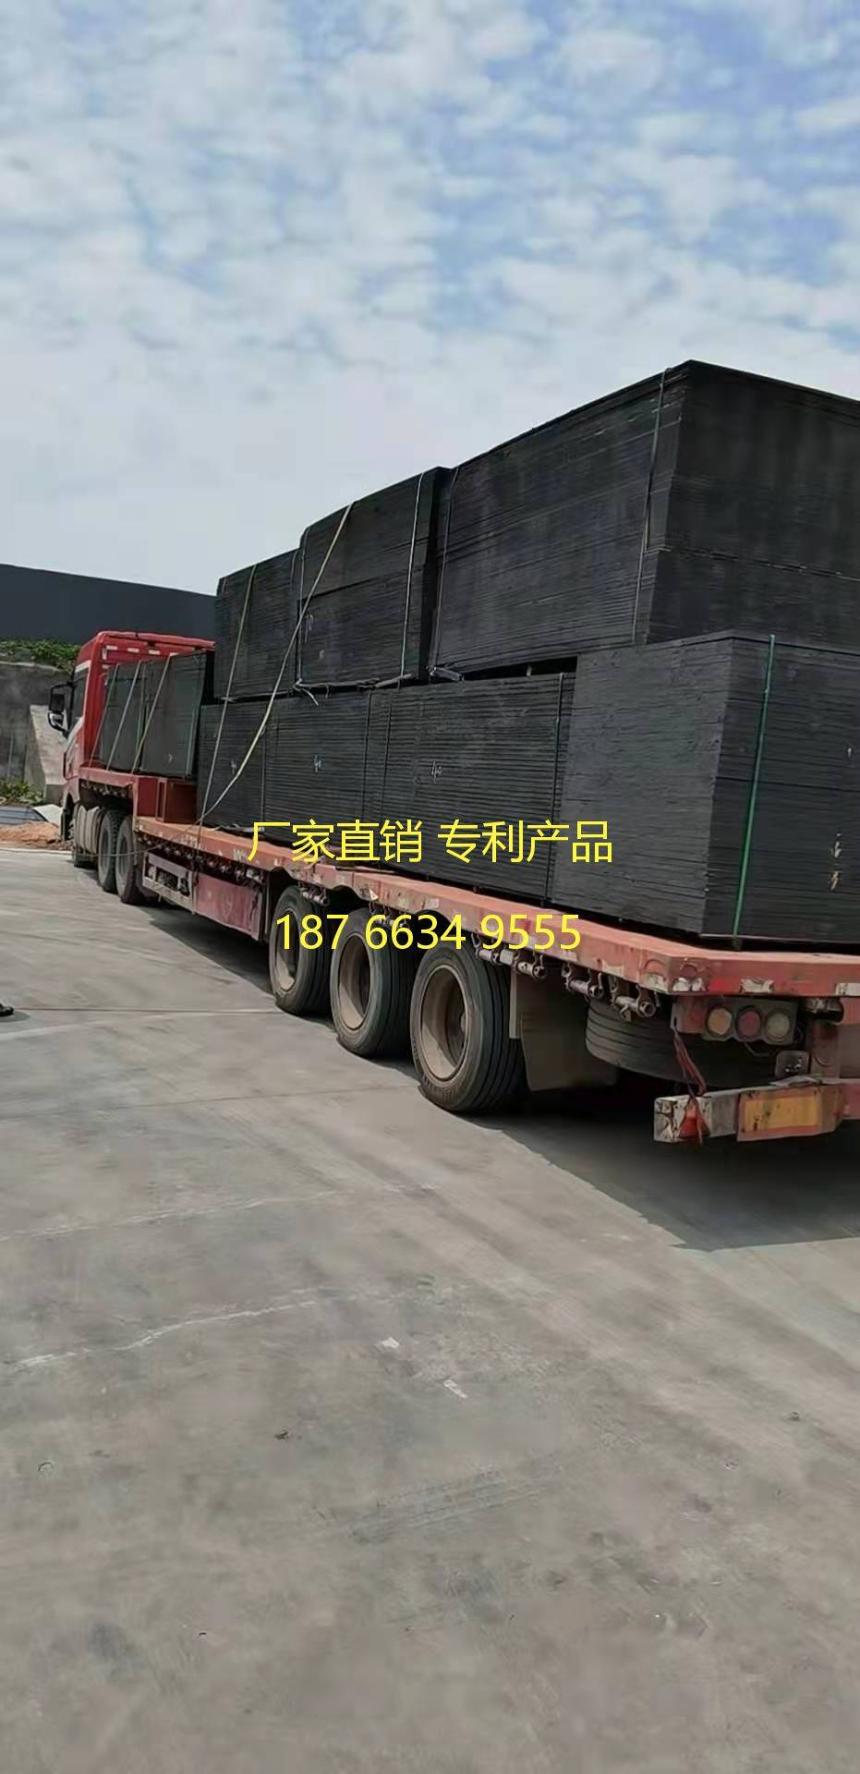 歡迎##延邊油浸木絲板##實業公司